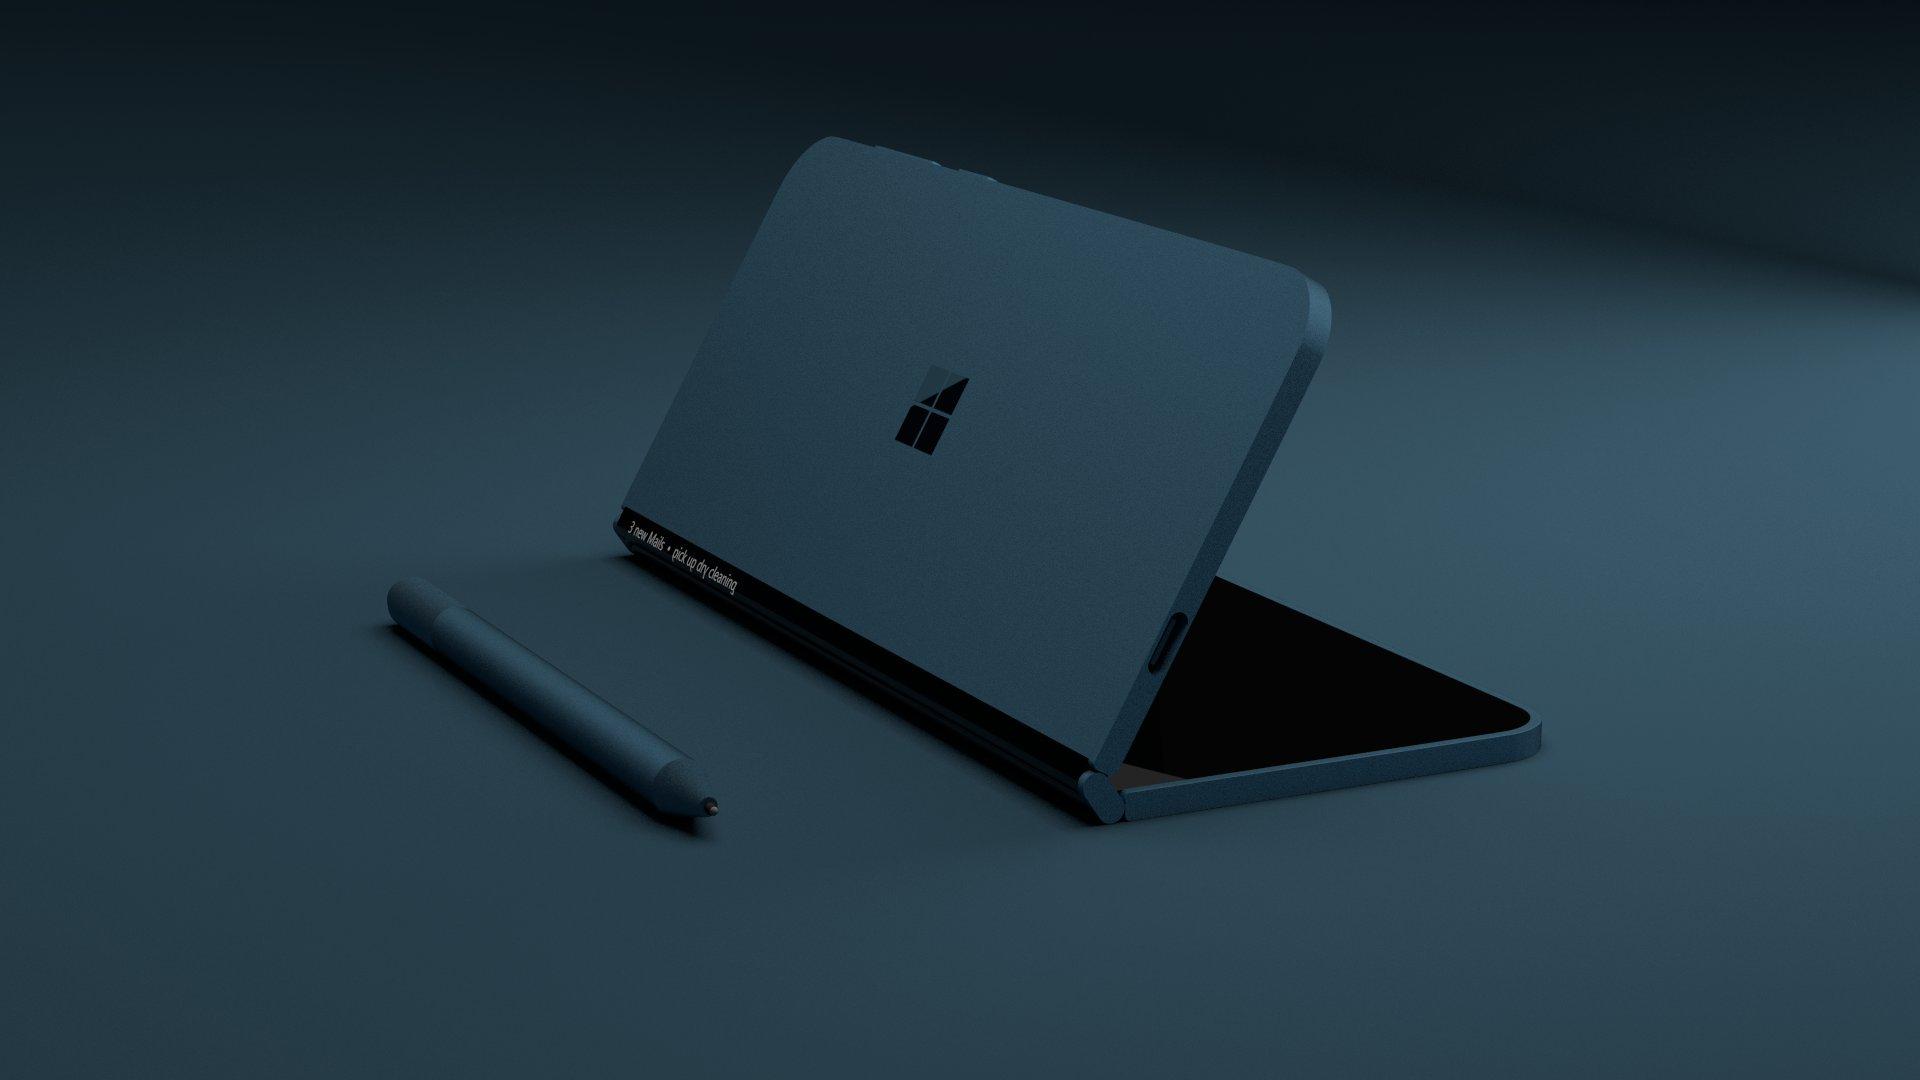 Un concept de feu Microsoft Andromeda